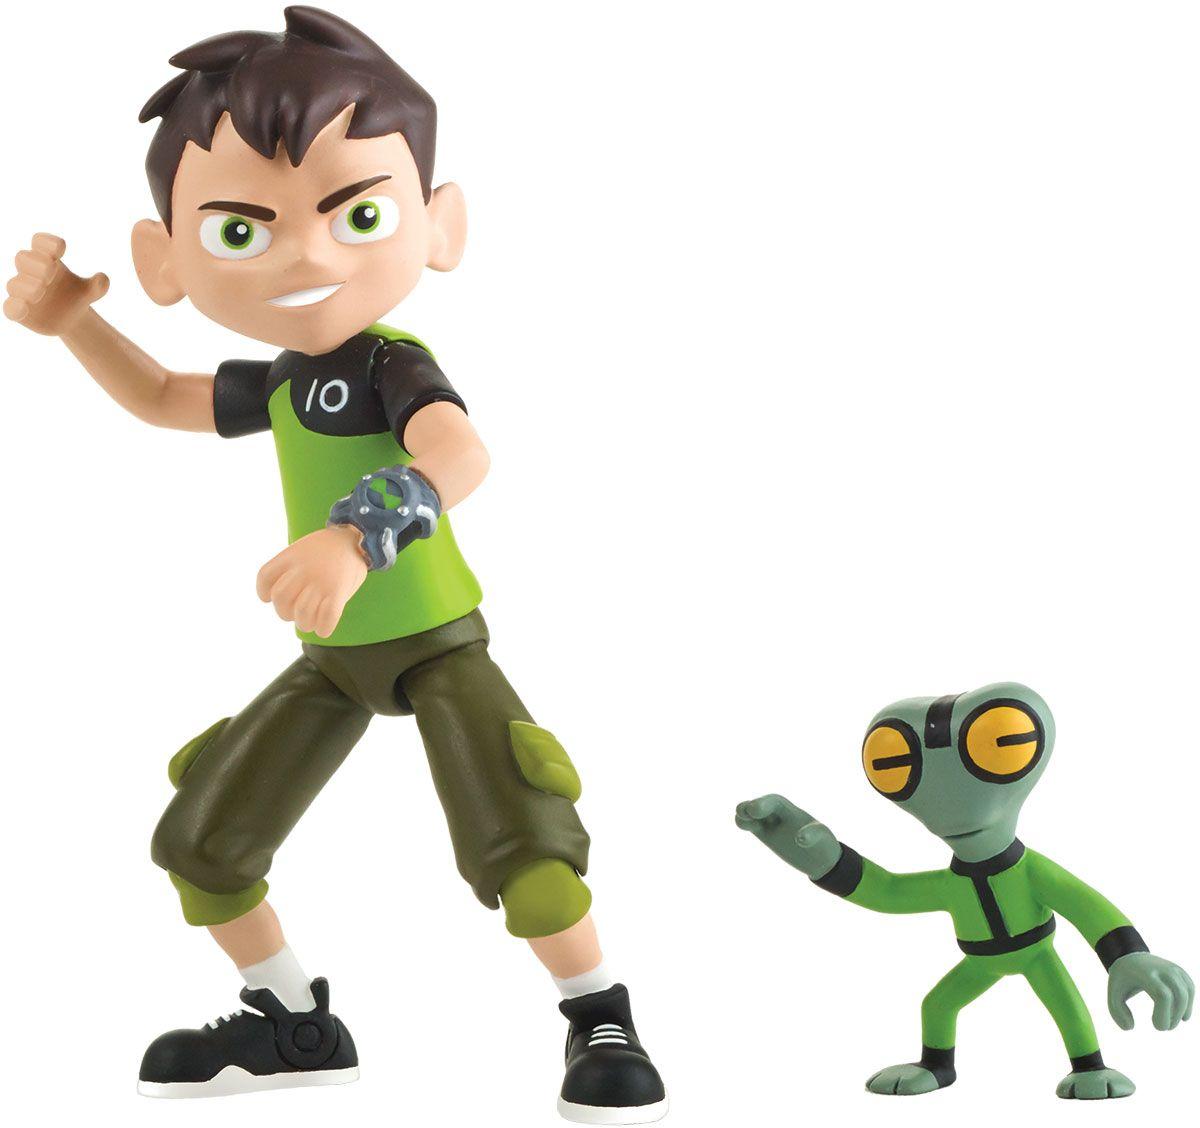 Ben 10 Набор фигурок Бен и гуманоид игрушки интерактивные ben 10 ben 10 часы омнитрикс